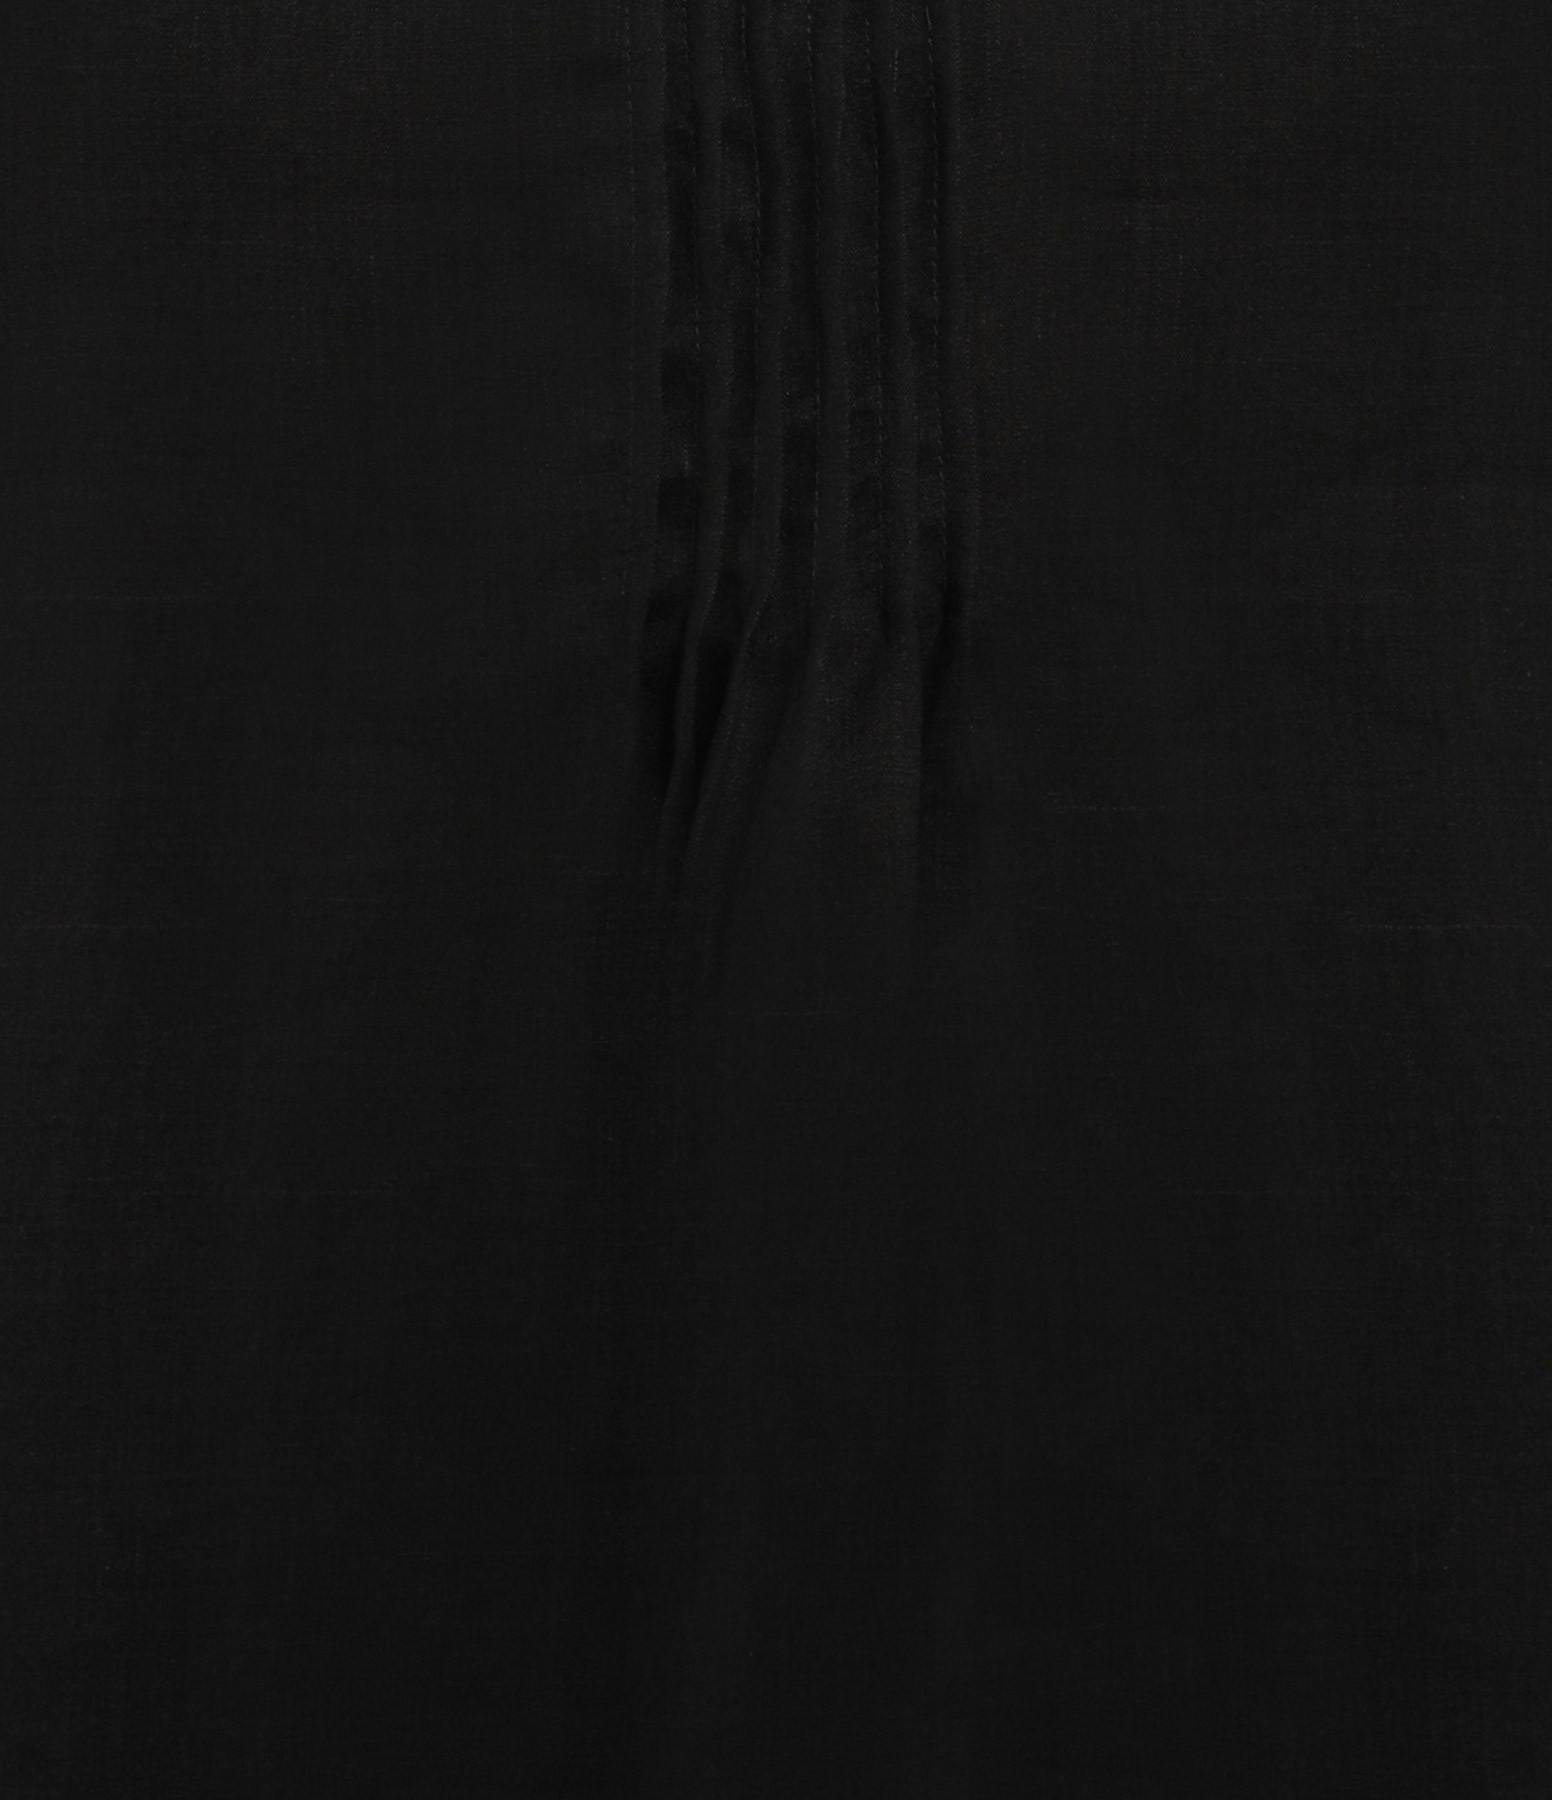 SEE BY CHLOE - Top Dentelle Noir